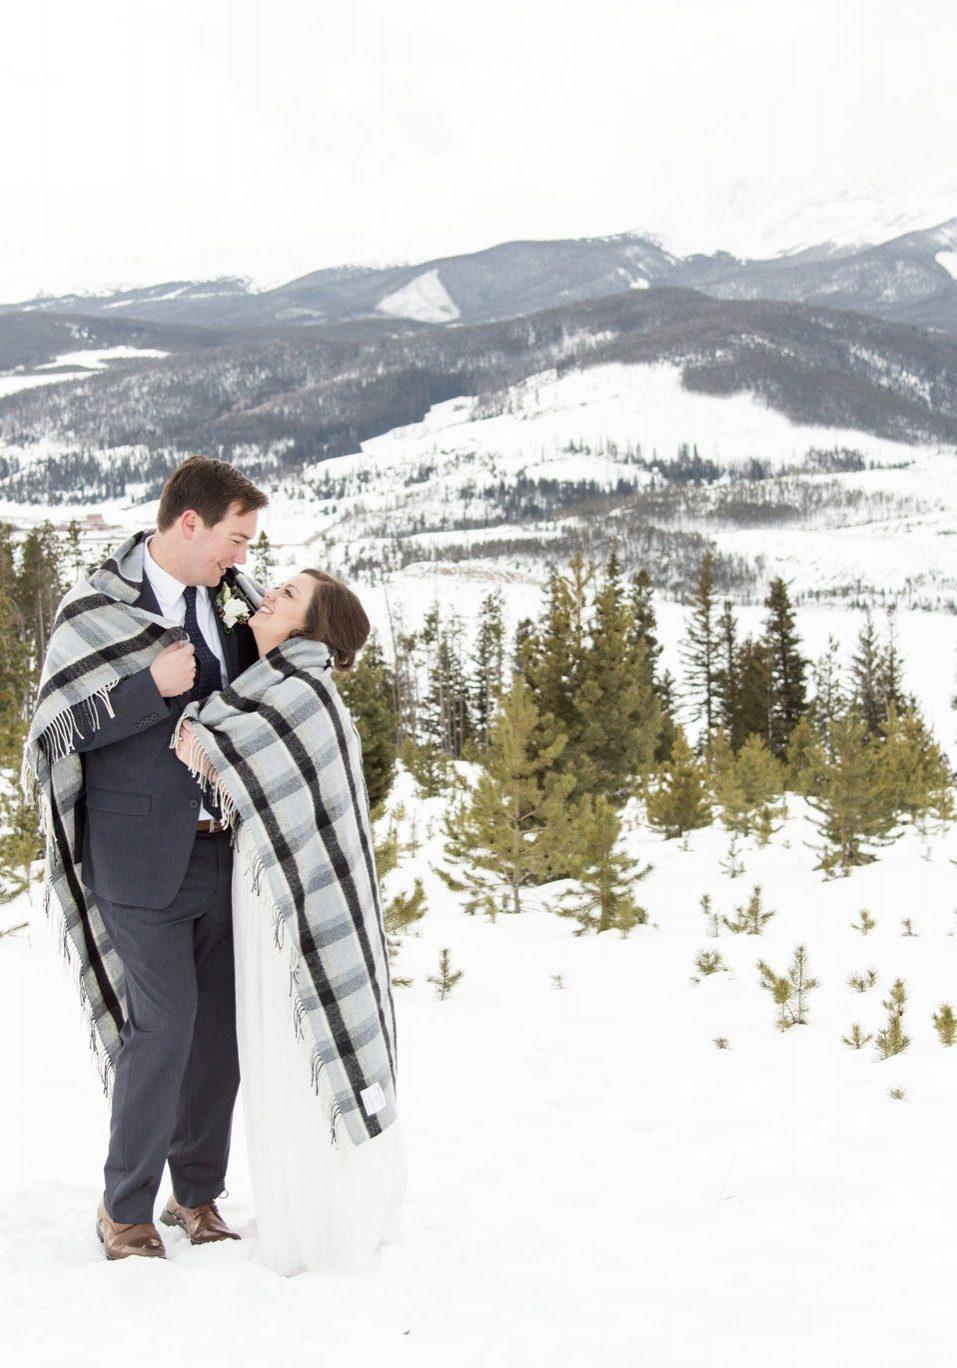 A Winter wedding elopement in Colorado